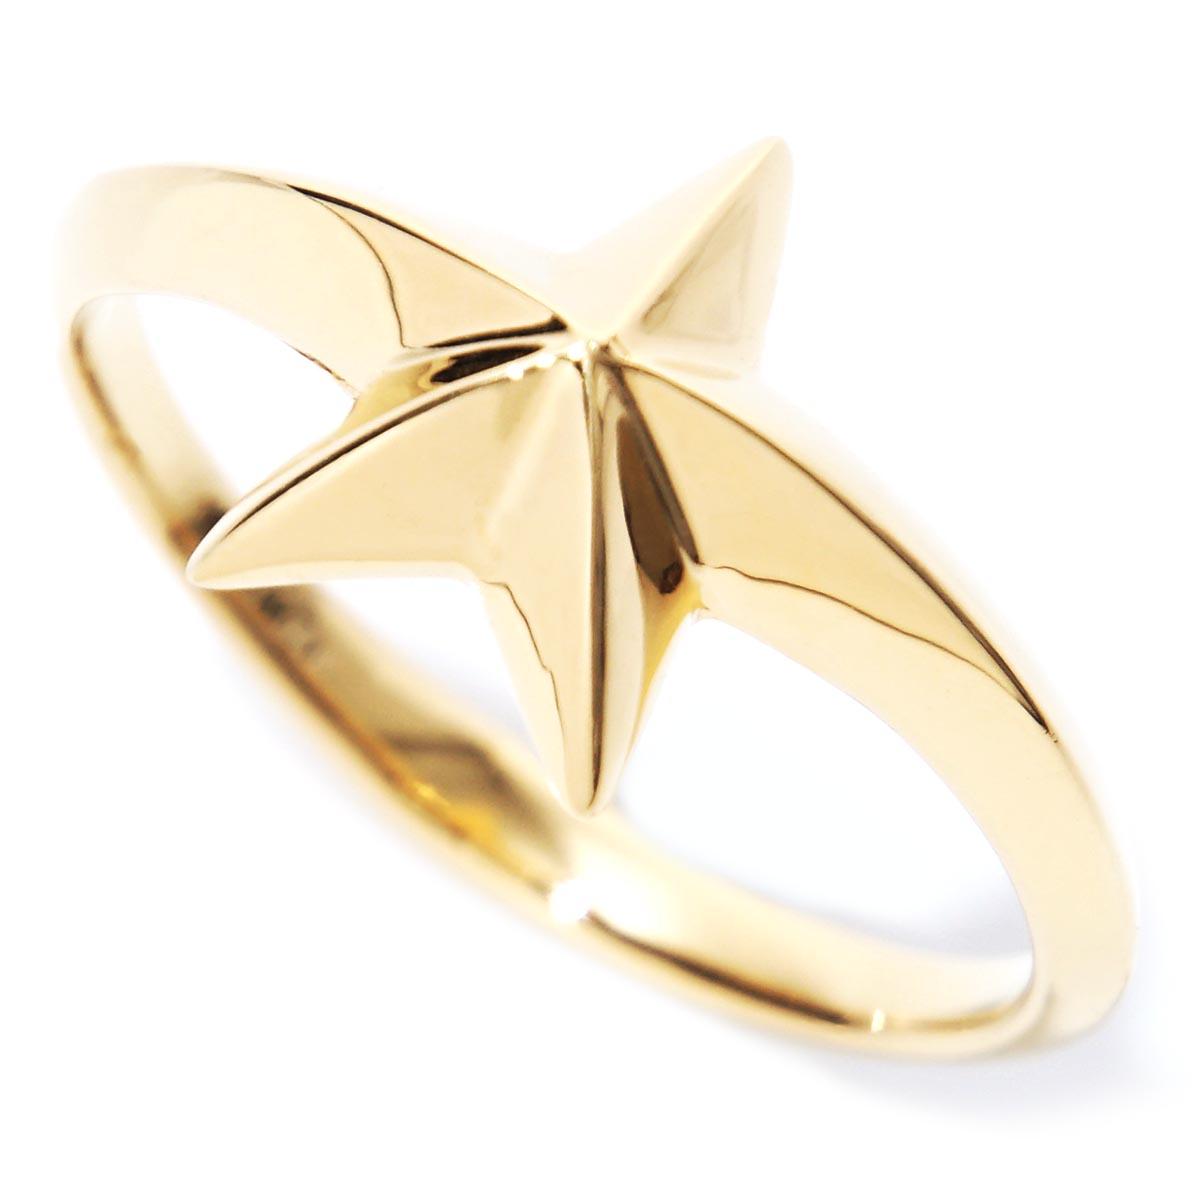 ガーデル GARDEL リング 指輪 ゴールド メンズ レディース gdr073 k18yg st BAMBINA【あす楽対応_関東】【返品交換不可】【ラッピング無料】